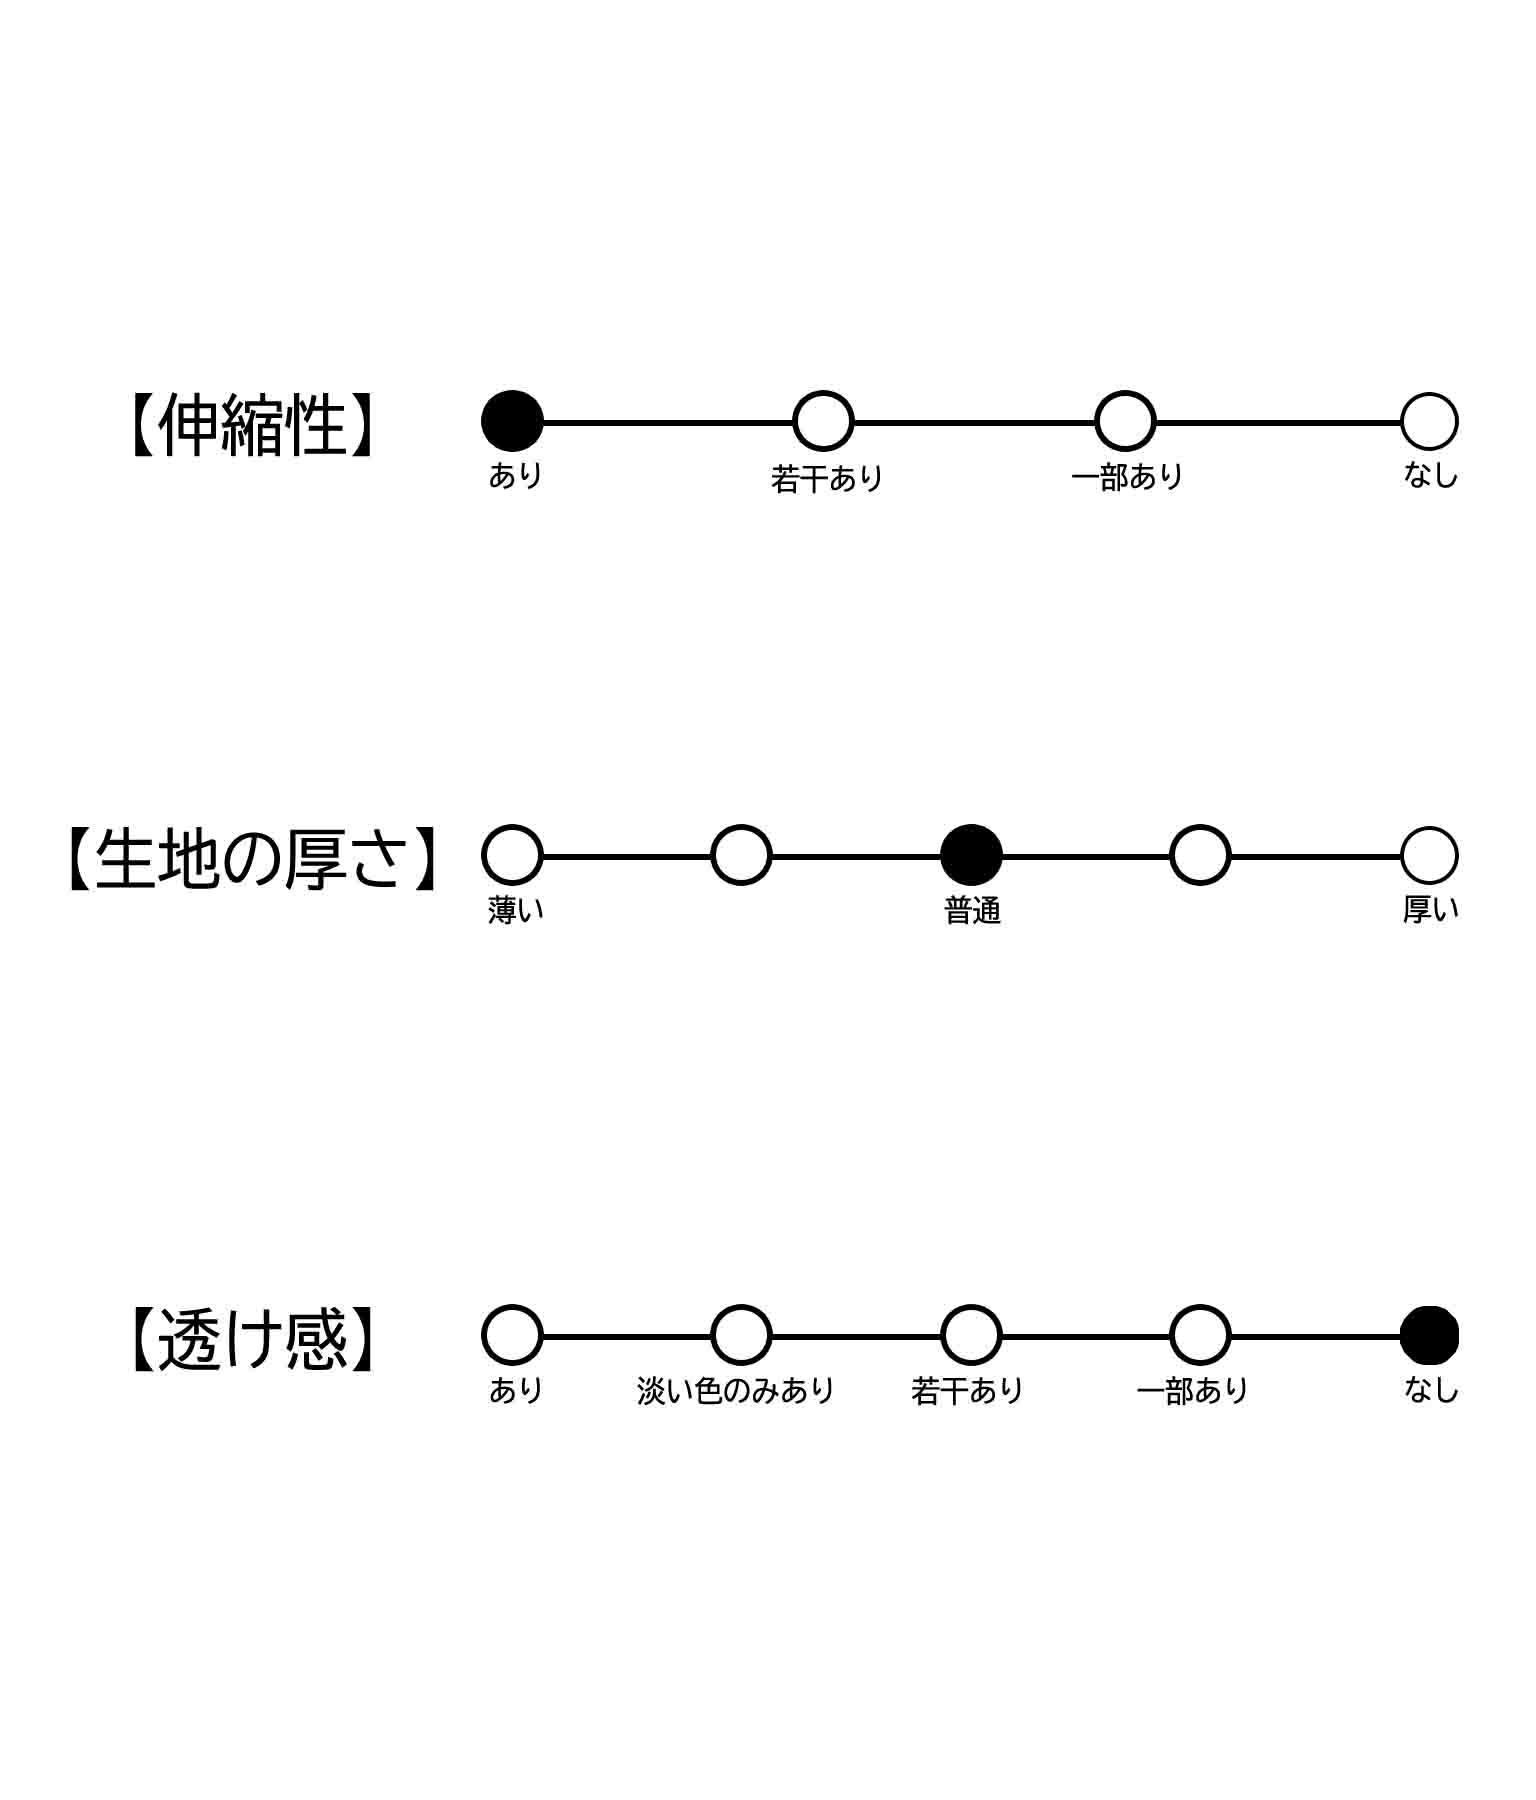 テープ付スカパンサロペット(ワンピース・ドレス/サロペット/オールインワン) | ANAP GiRL